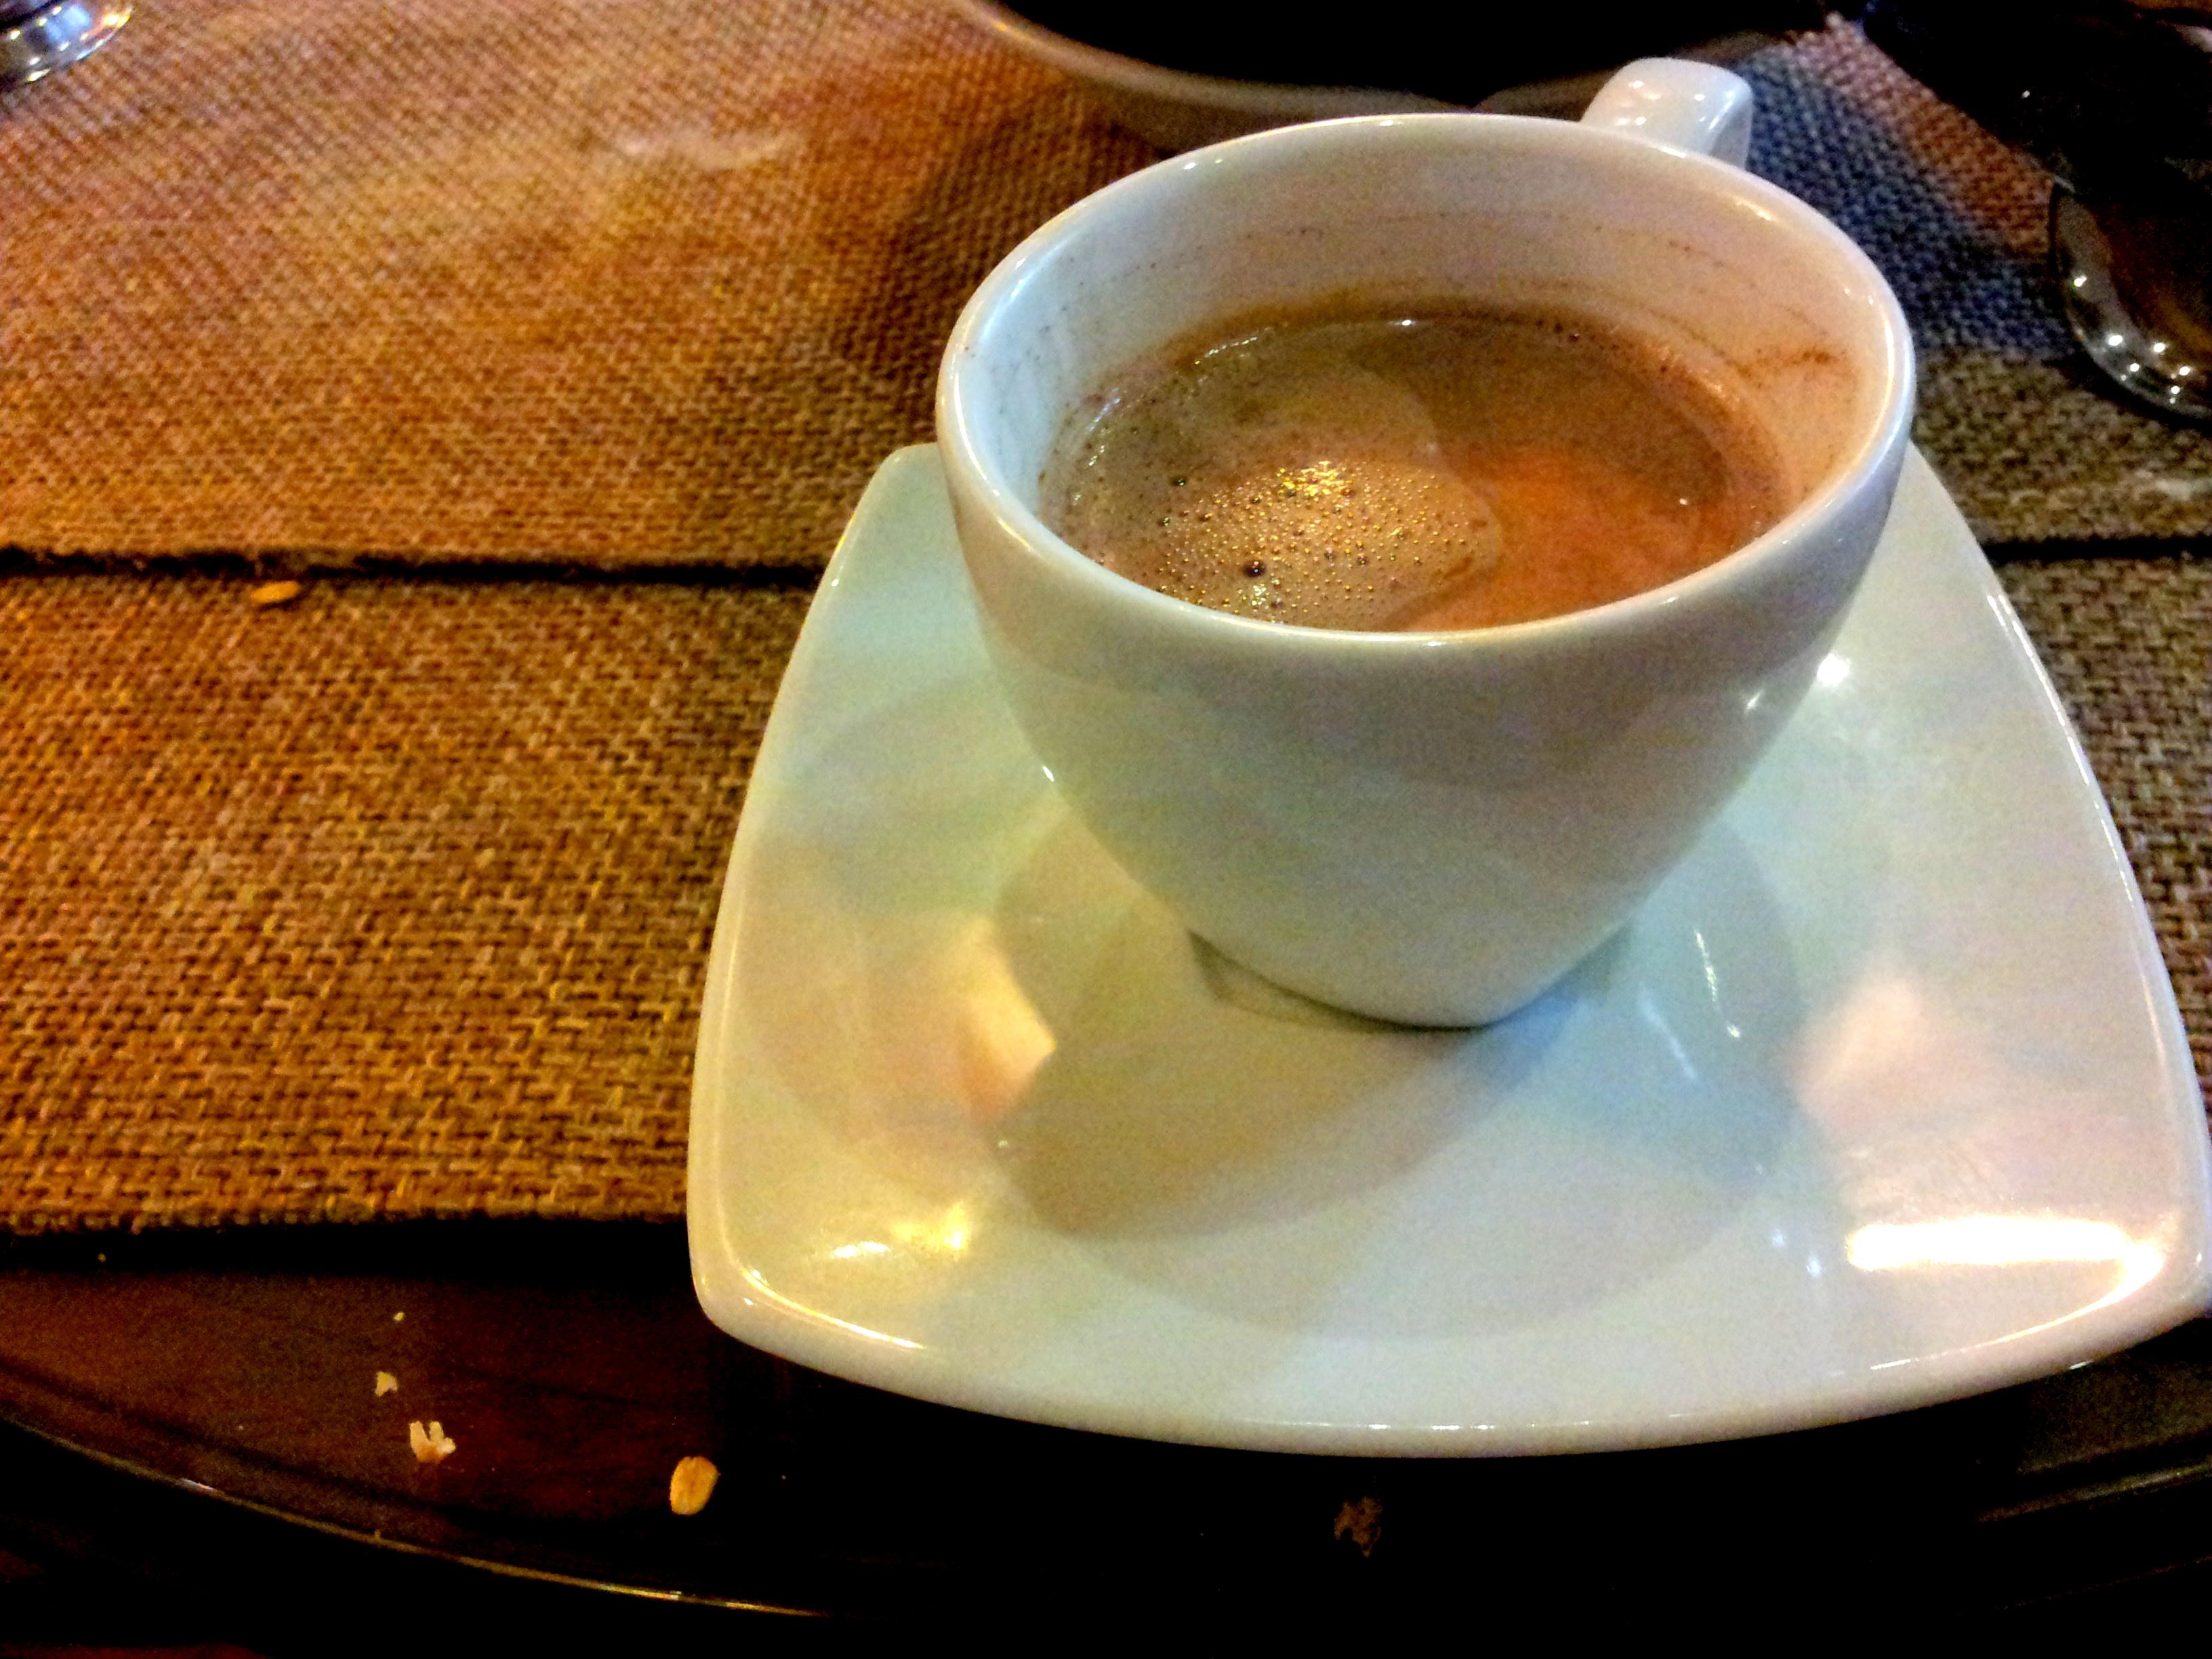 A delicious cup of hot chocolate, Pastelería la Florida